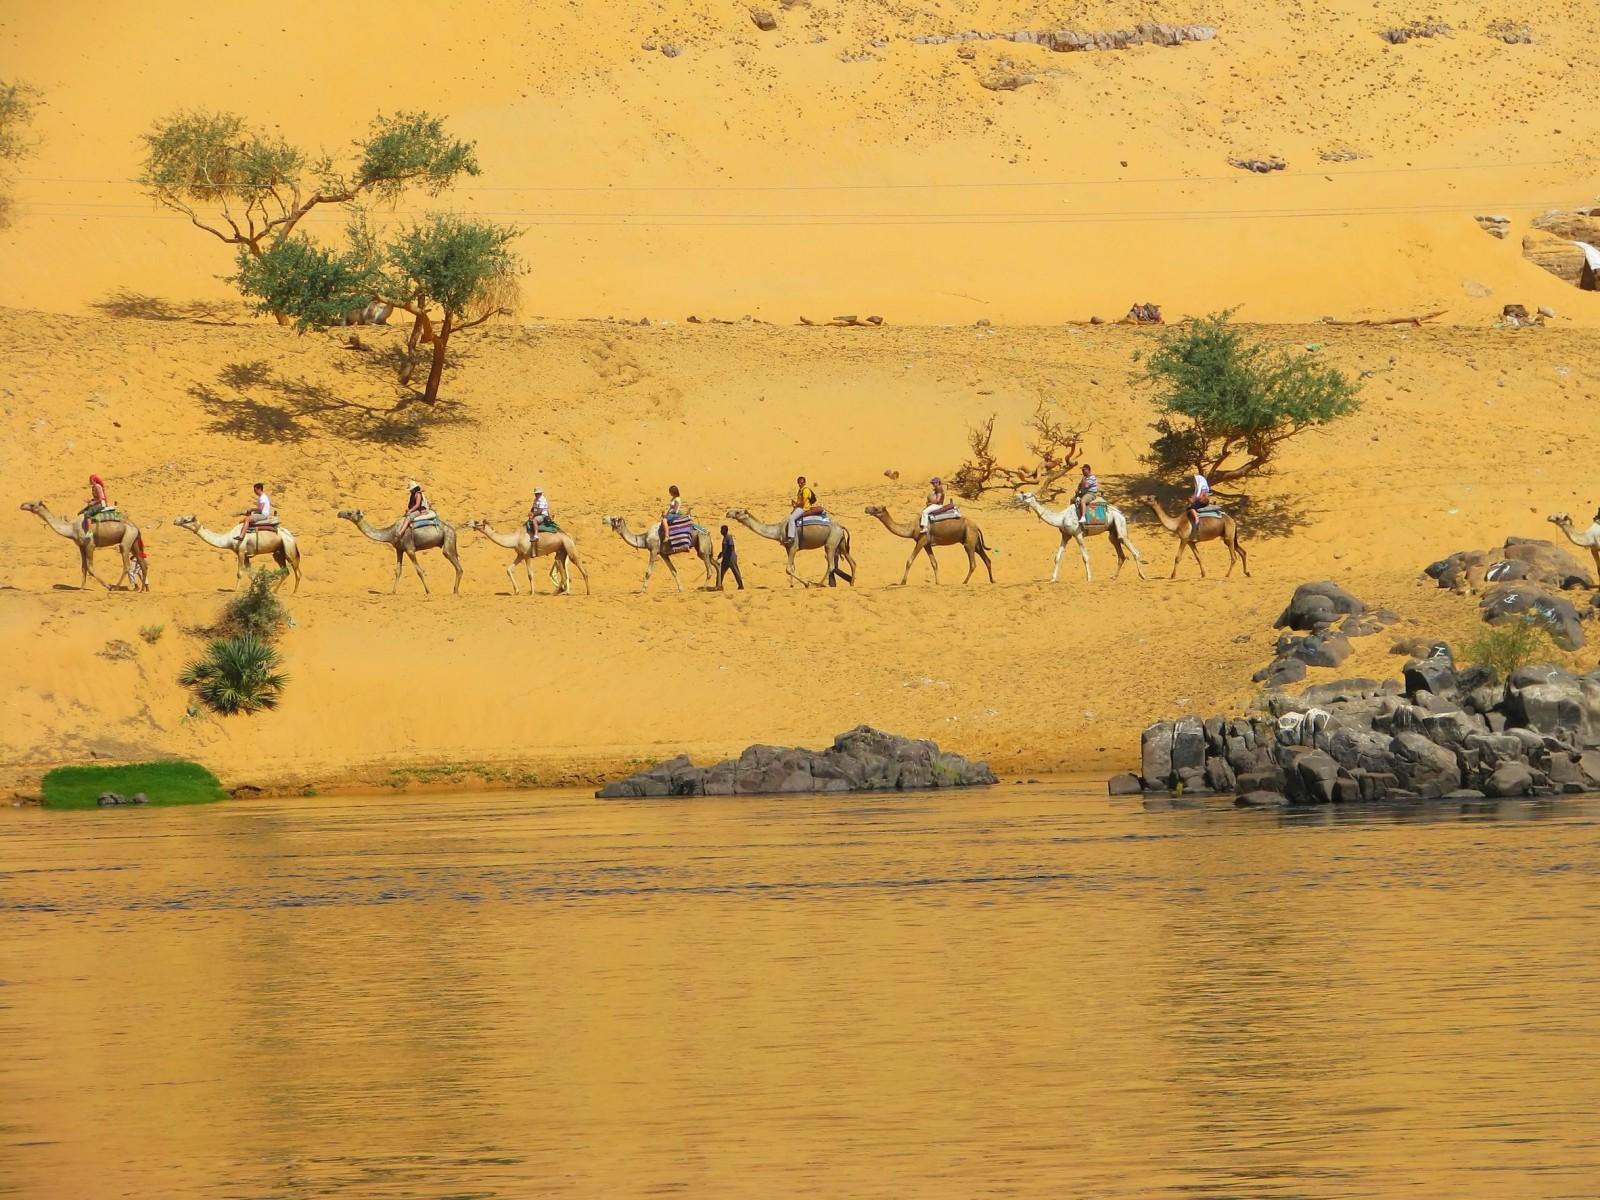 #egypt #egypttourism #aswan #aswandesert #nubiandesert